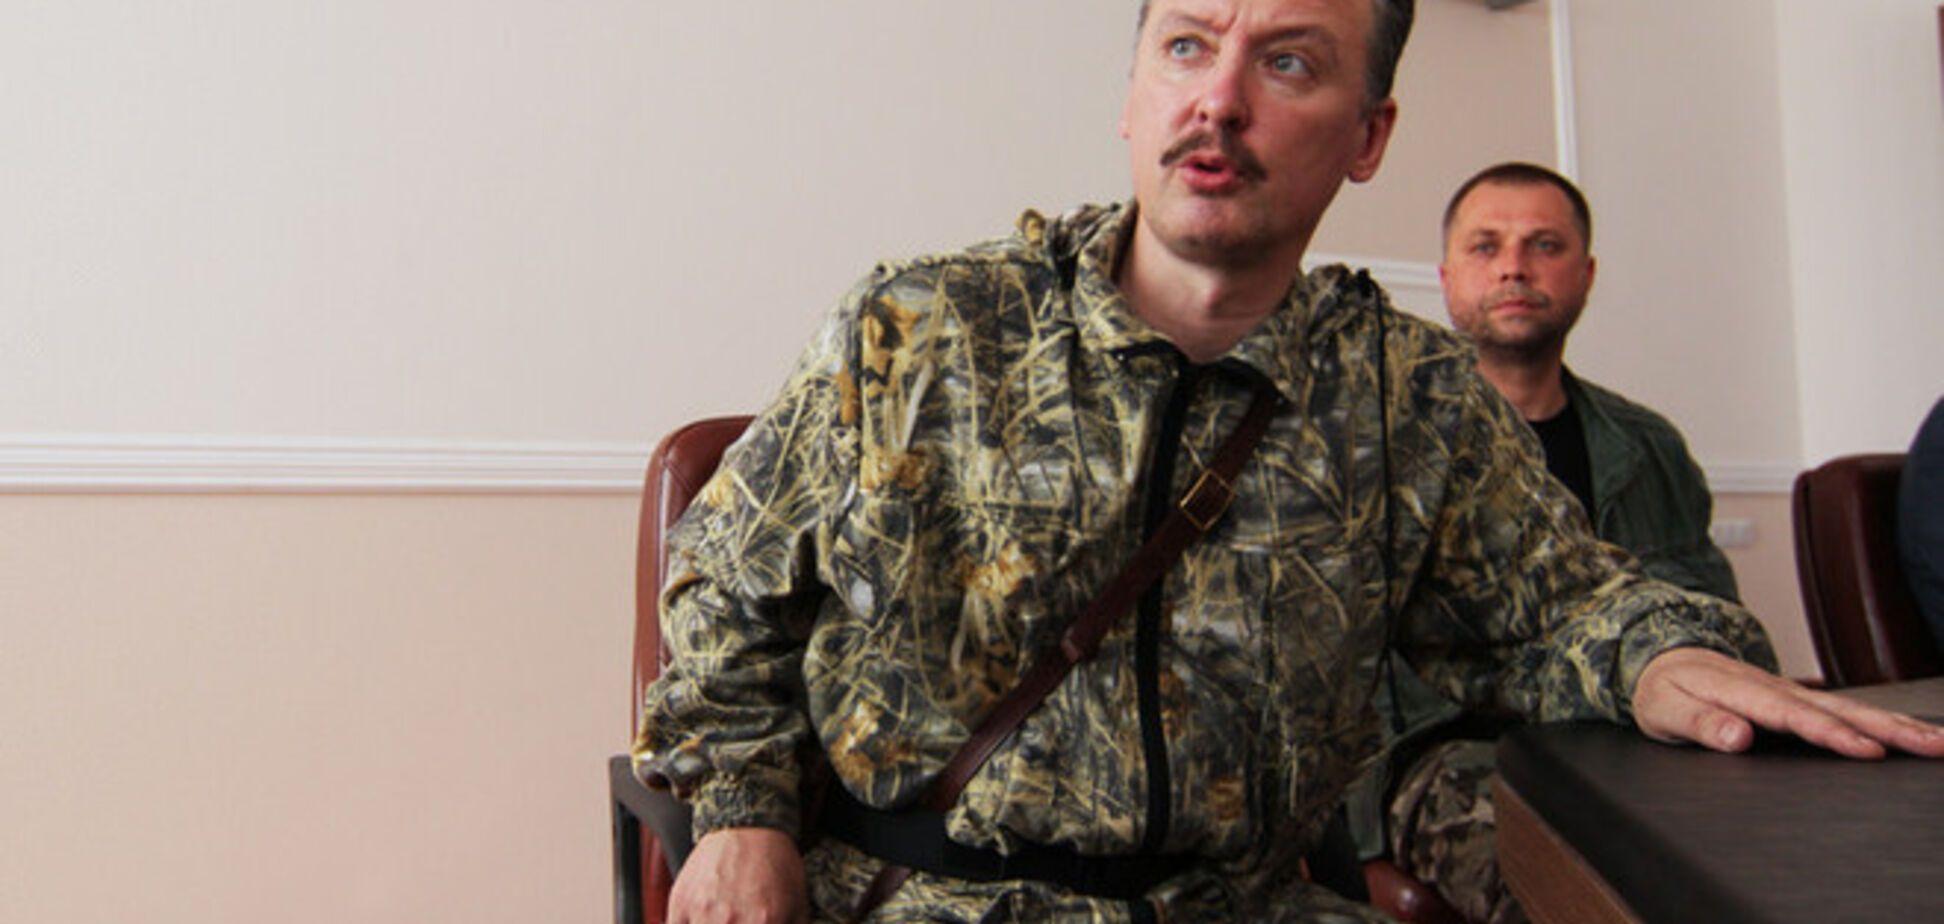 Гиркин отстранен от управления боевиками 'ДНР'